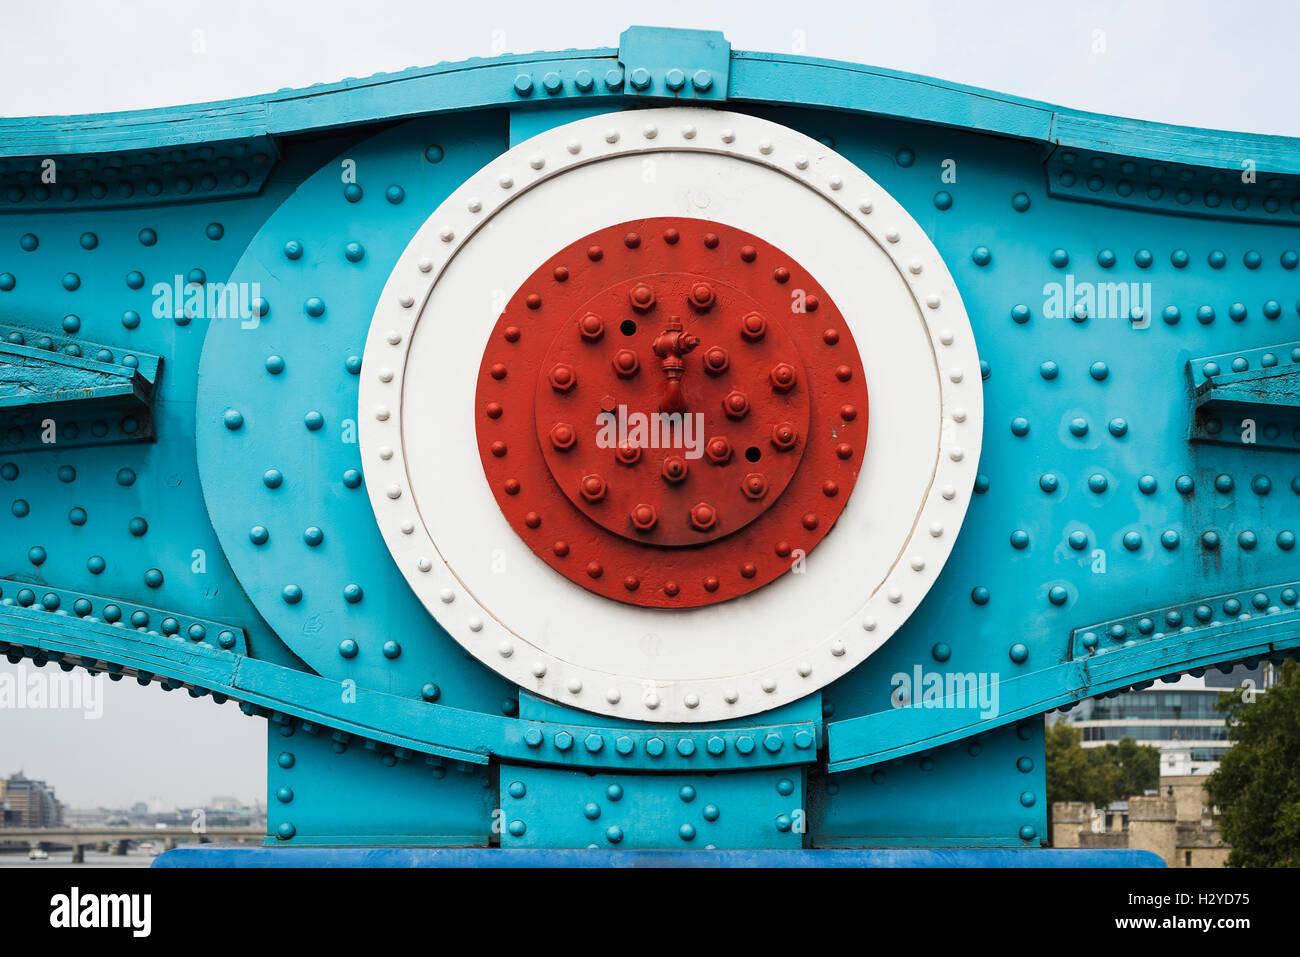 Piezas de acero pintado de colores vivos con tuercas, pernos y remaches del eslabón de la cadena de dos elementos de la Suspension Bridge Tower Bridge en Londres, Reino Unido Foto de stock